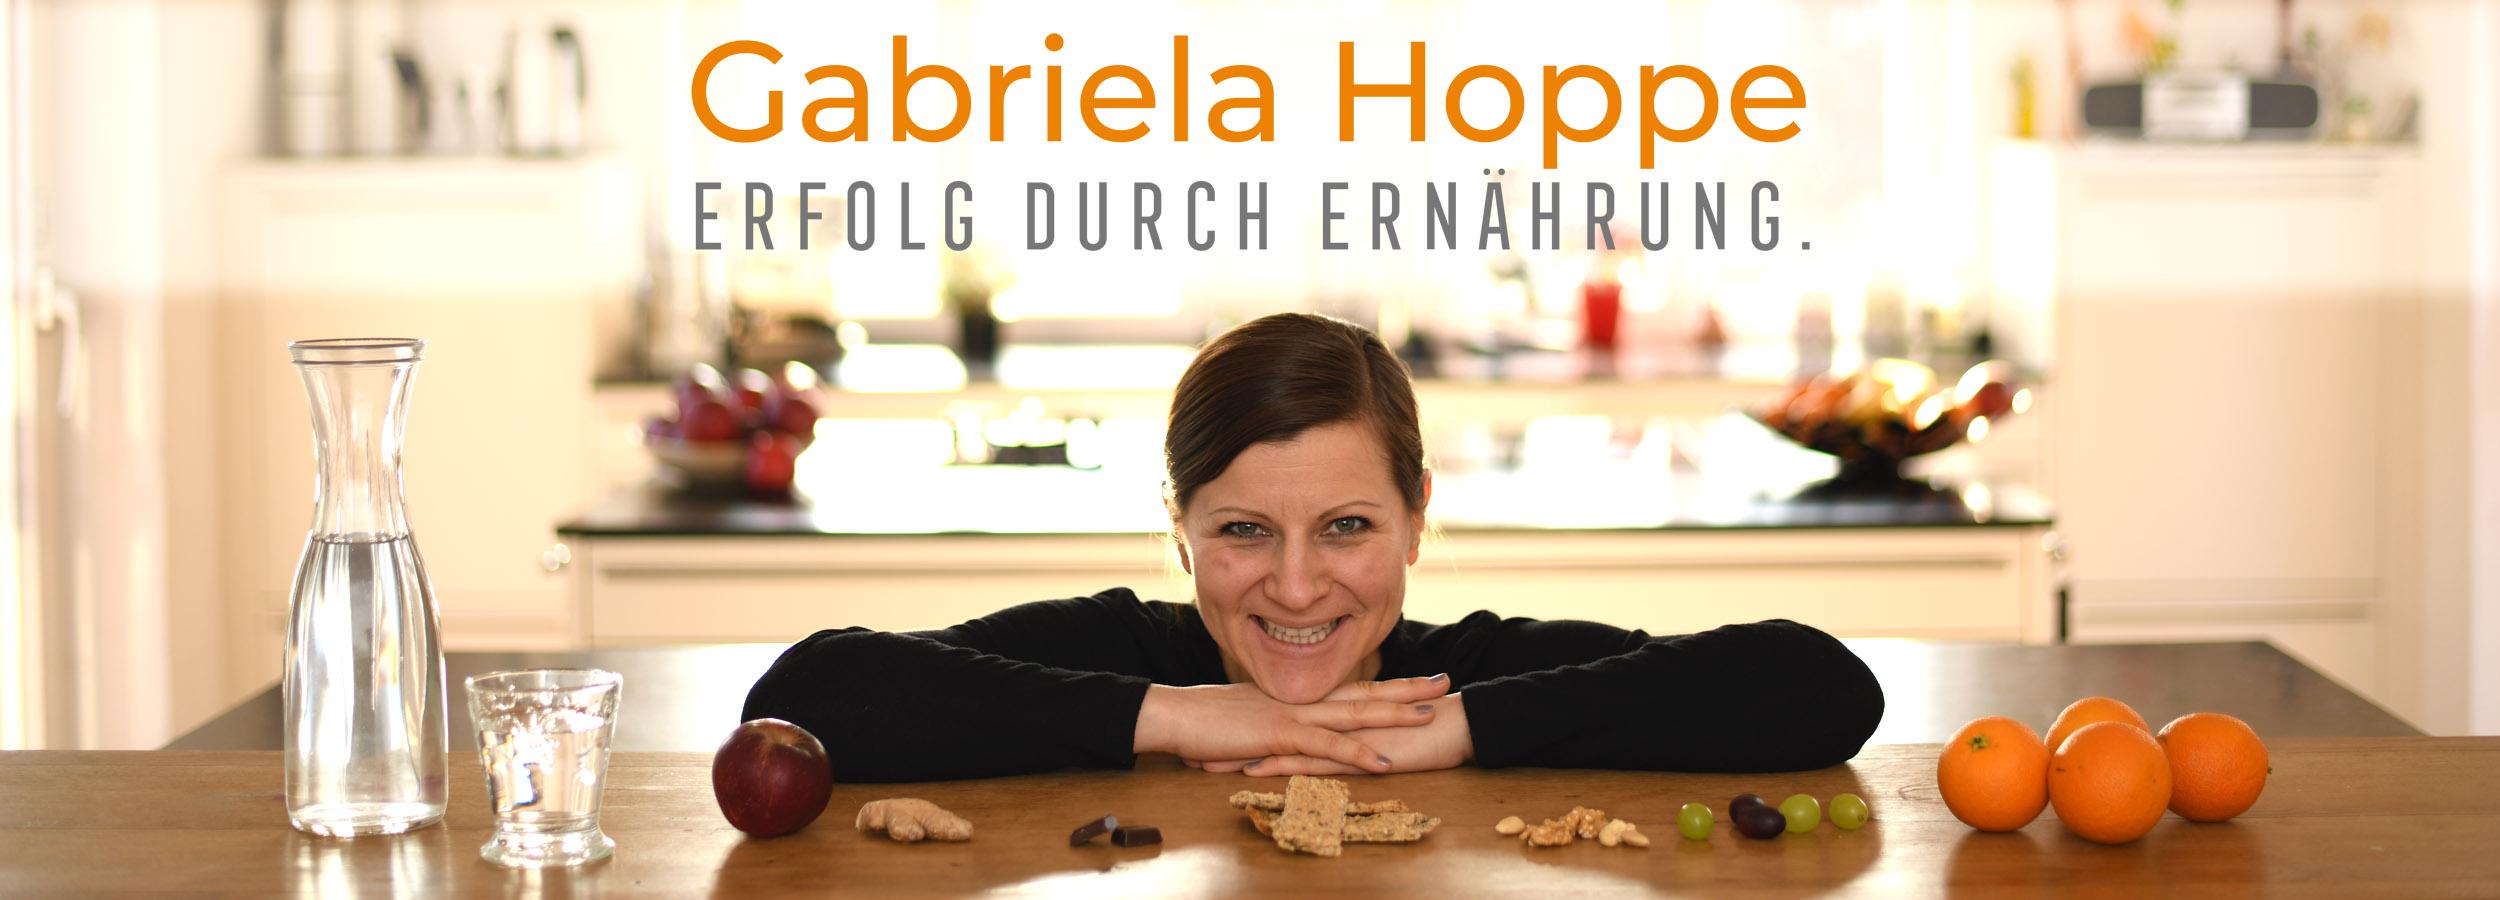 Erfolg durch Ernährung - gesund abnehmen & Stoffwechsel optimieren mit Dr. Gabriela Hoppe | Erfolg durch Ernährung | Ernährungsspezialistin & Heilpraktikerin - Hintergrundbild by Pixabay